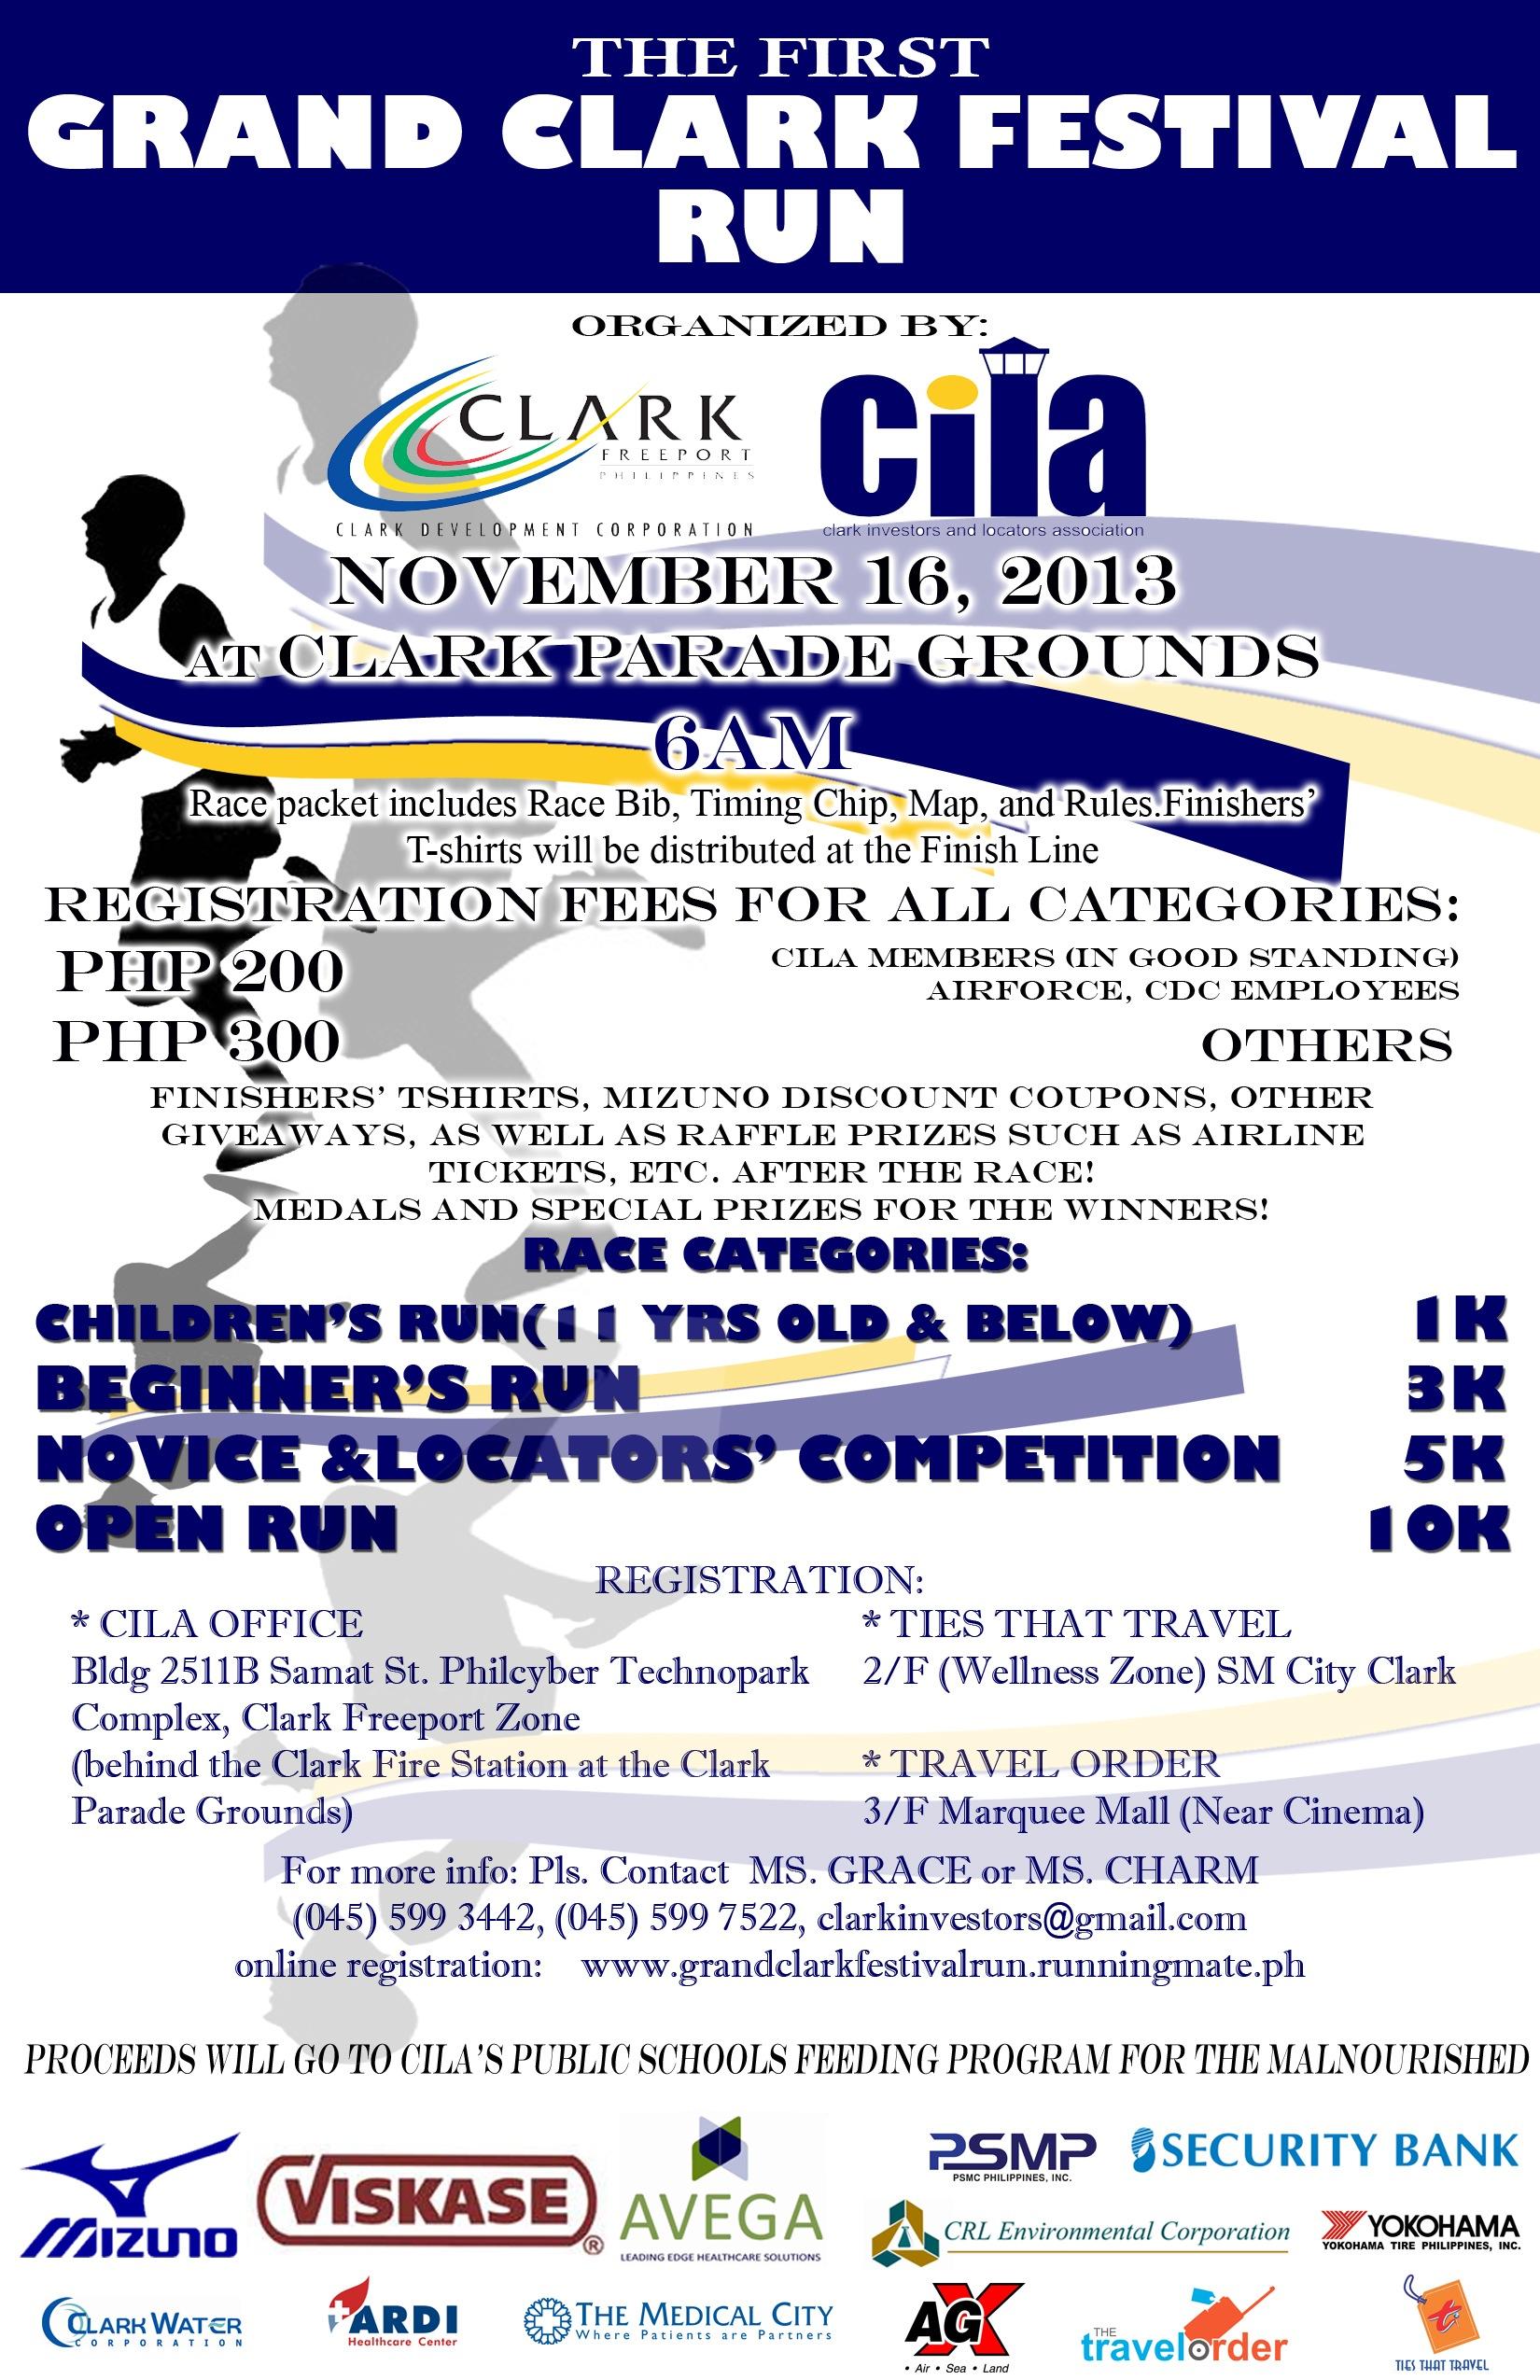 grand-clark-festival-run-2013-poster